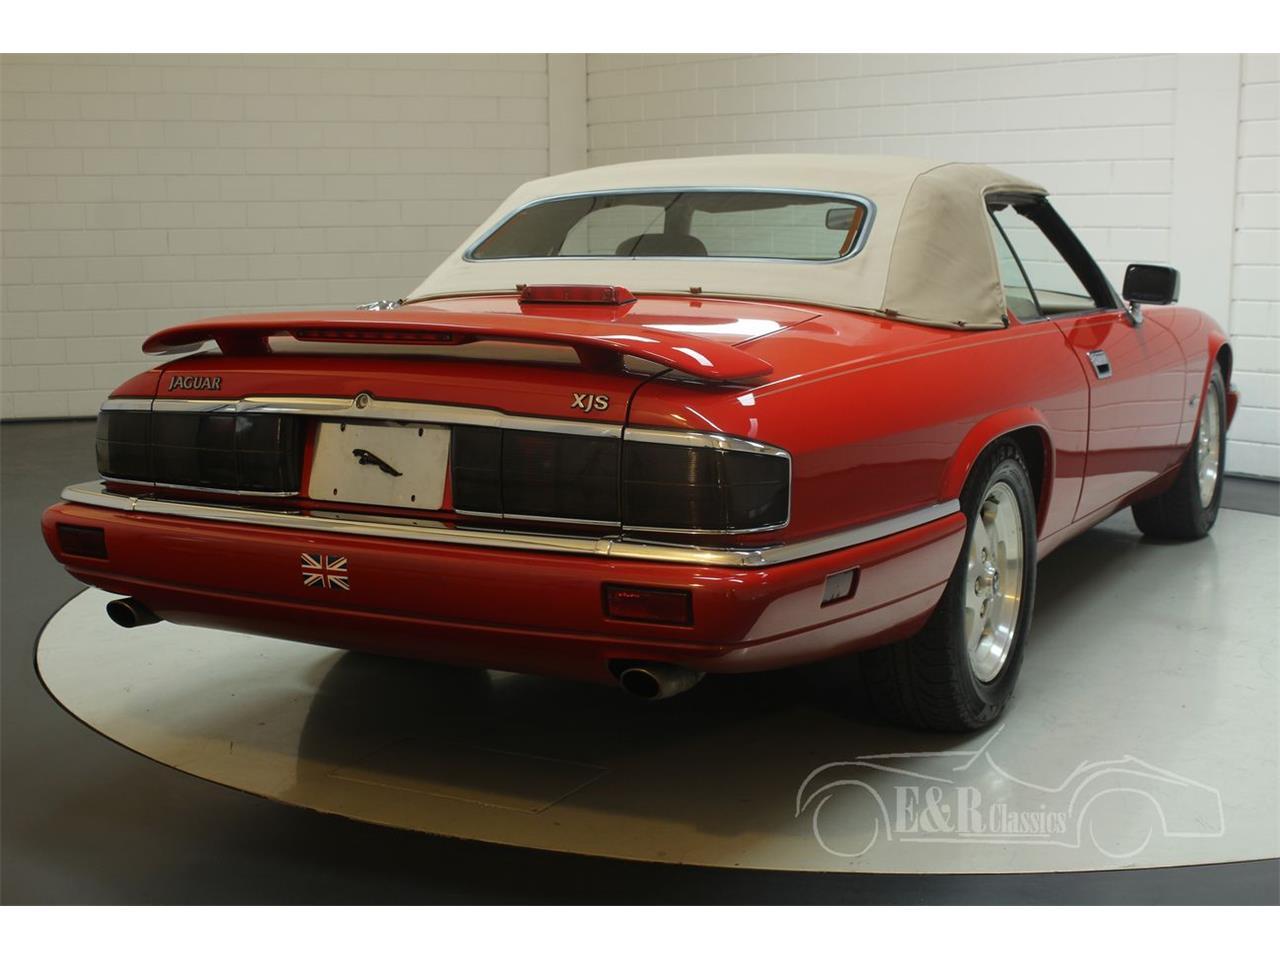 Large Picture of '96 Jaguar XJS located in Waalwijk noord Brabant - $45,200.00 - PR0N